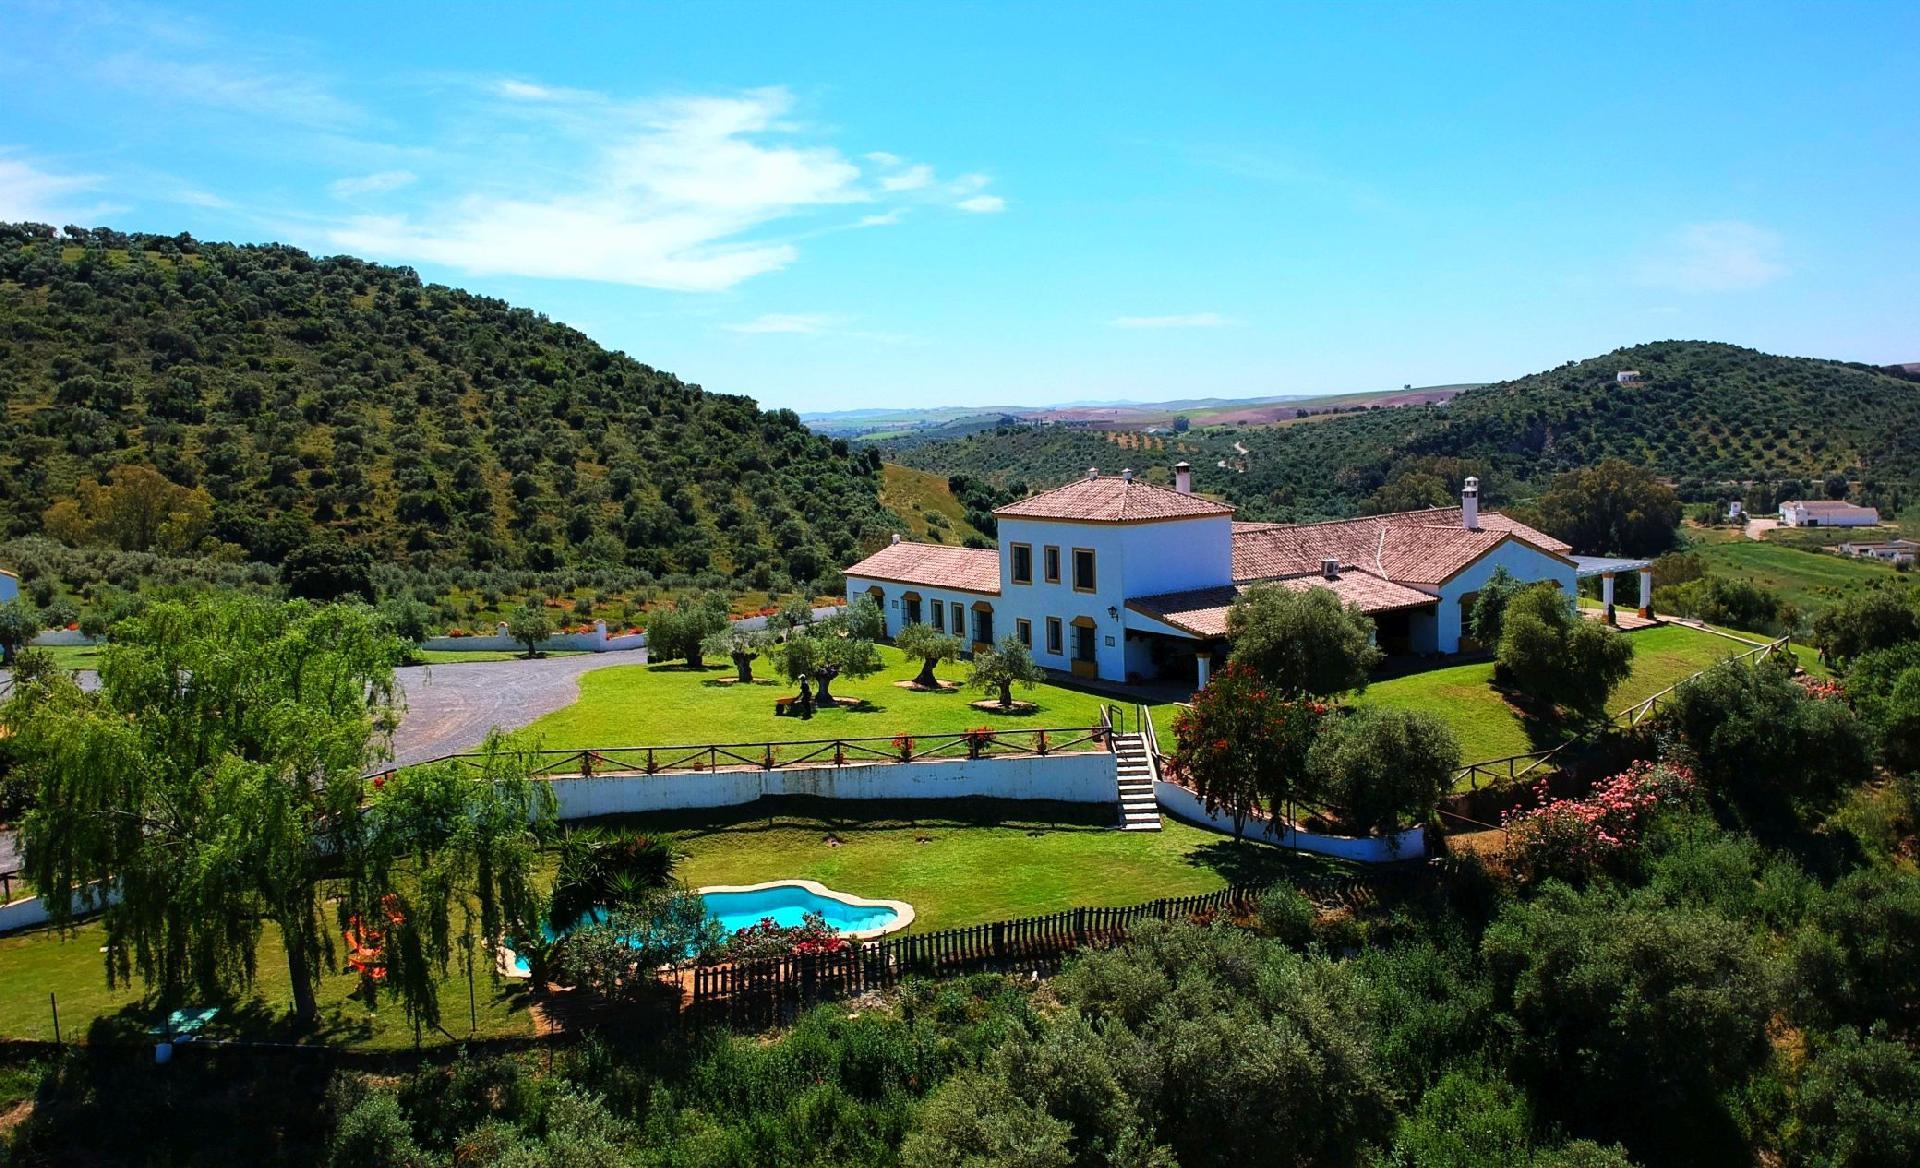 Ferienhaus mit Privatpool für 18 Personen  +  Bauernhof in Spanien